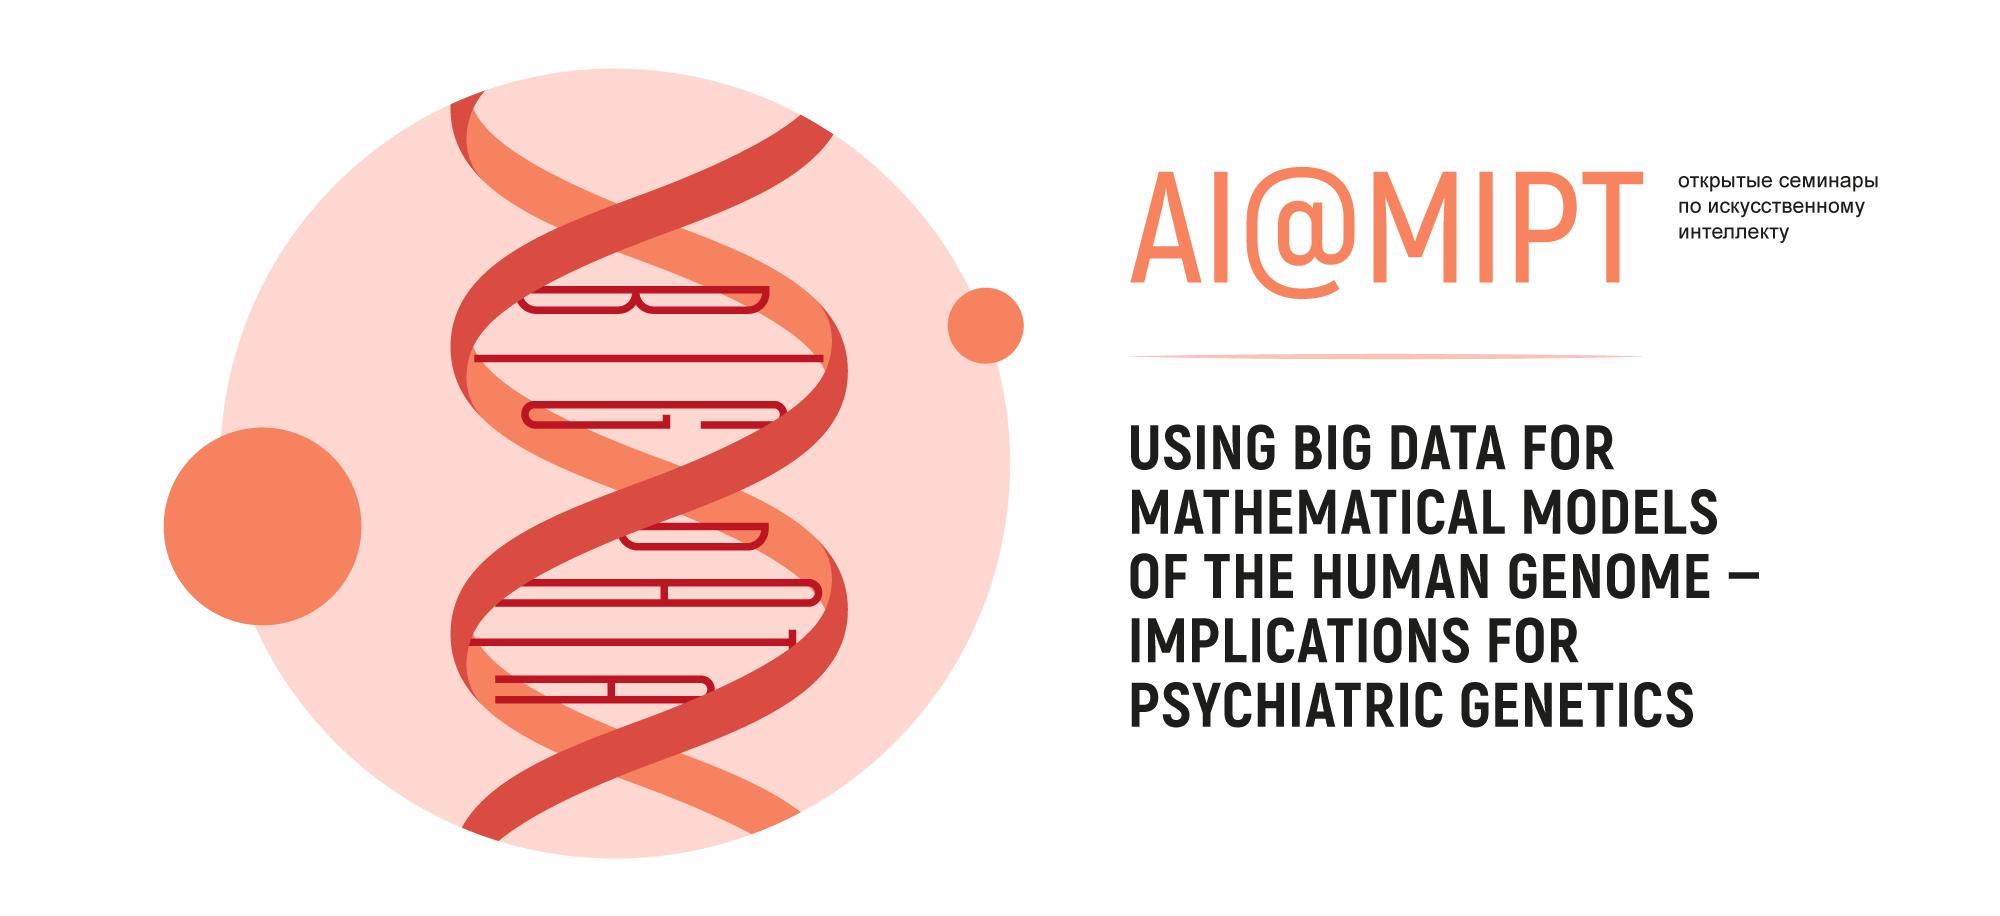 AI@MIPT: Большие данные для математических моделей человеческого генома